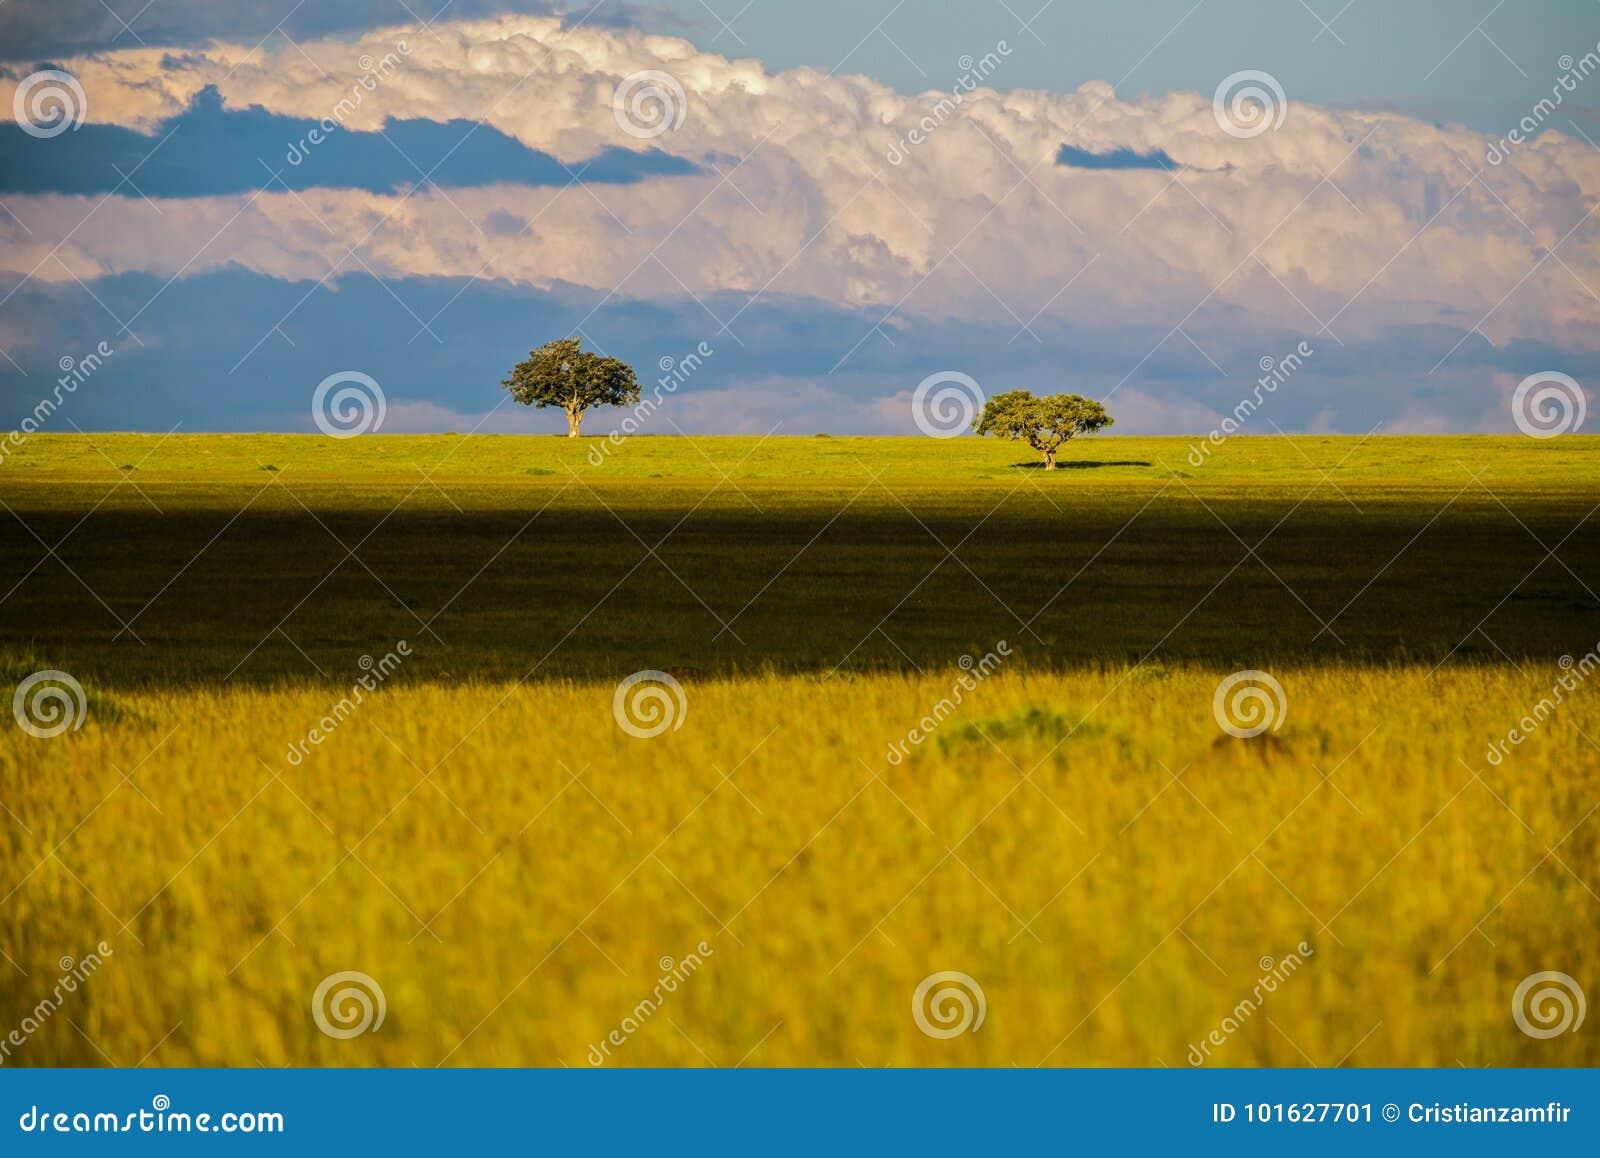 Aménagez en parc avec des arbres de la savane en Afrique, safari